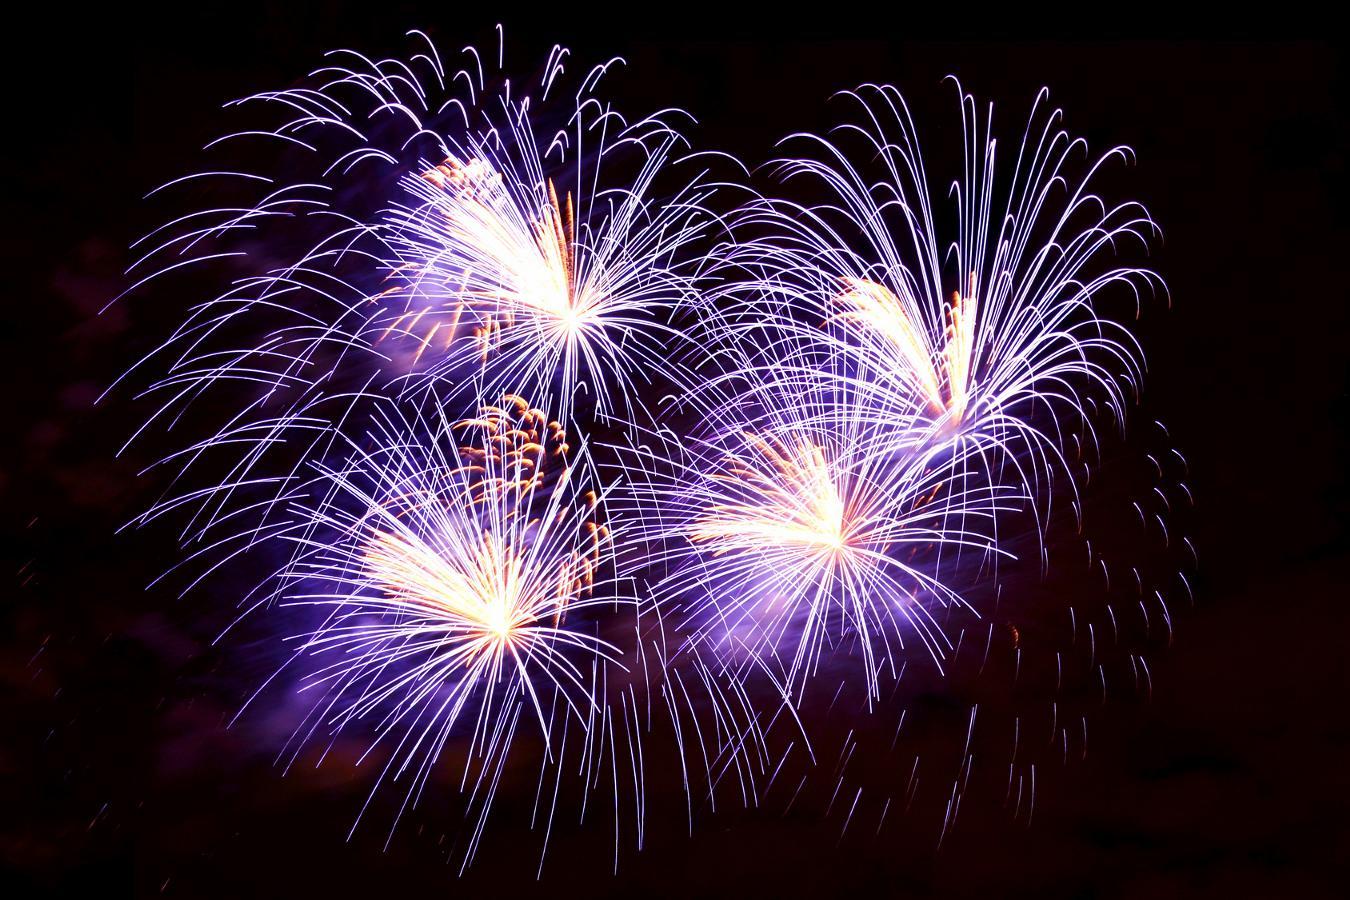 Feuerwerk zum Geburtstag im Jahr kaufen